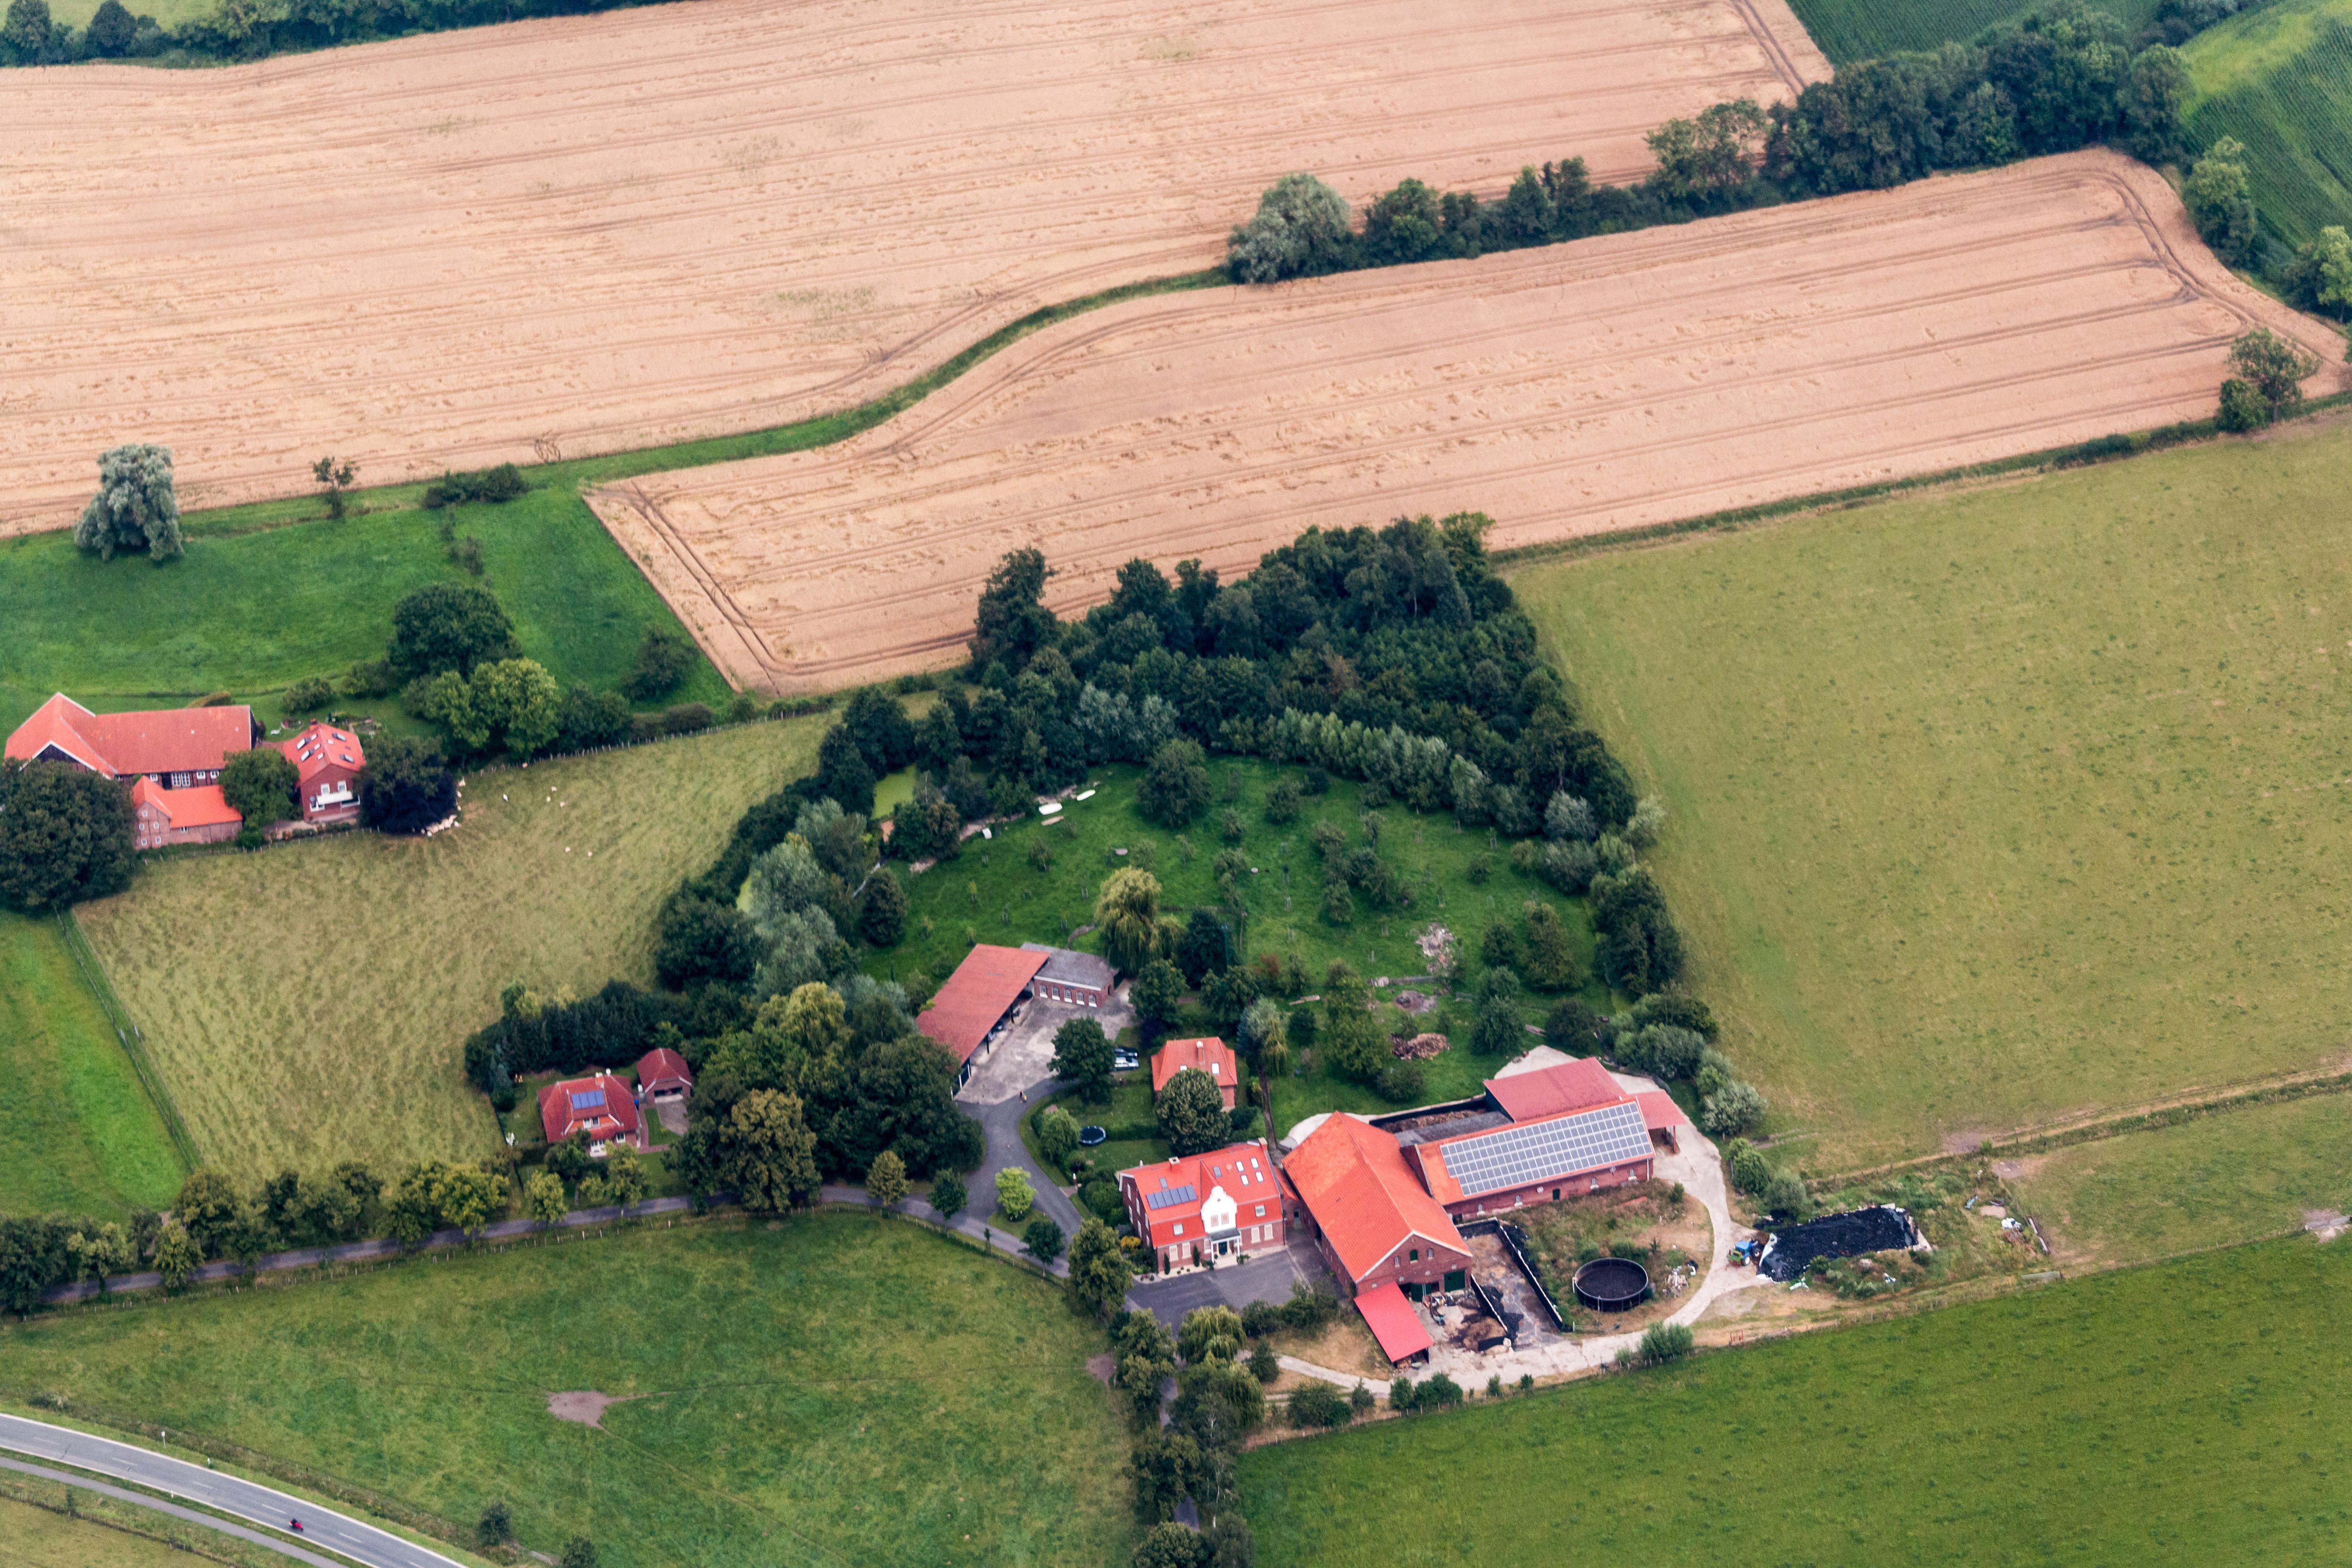 File:Altenberge, Hansell, Bauernhof -- 2014 -- 2588.jpg